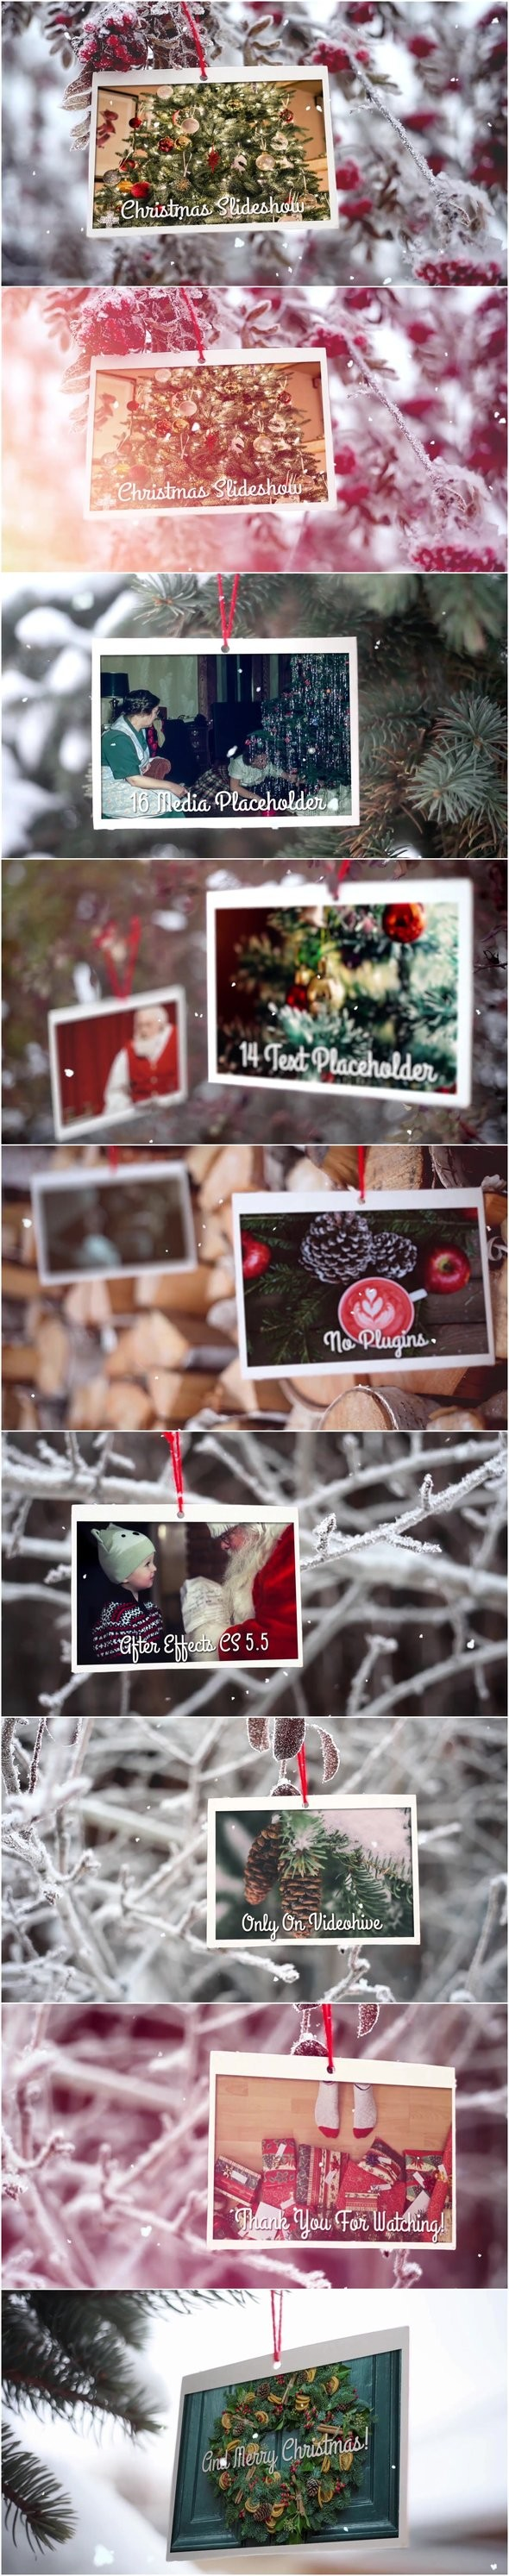 Videohive - Christmas Slideshow 20896229